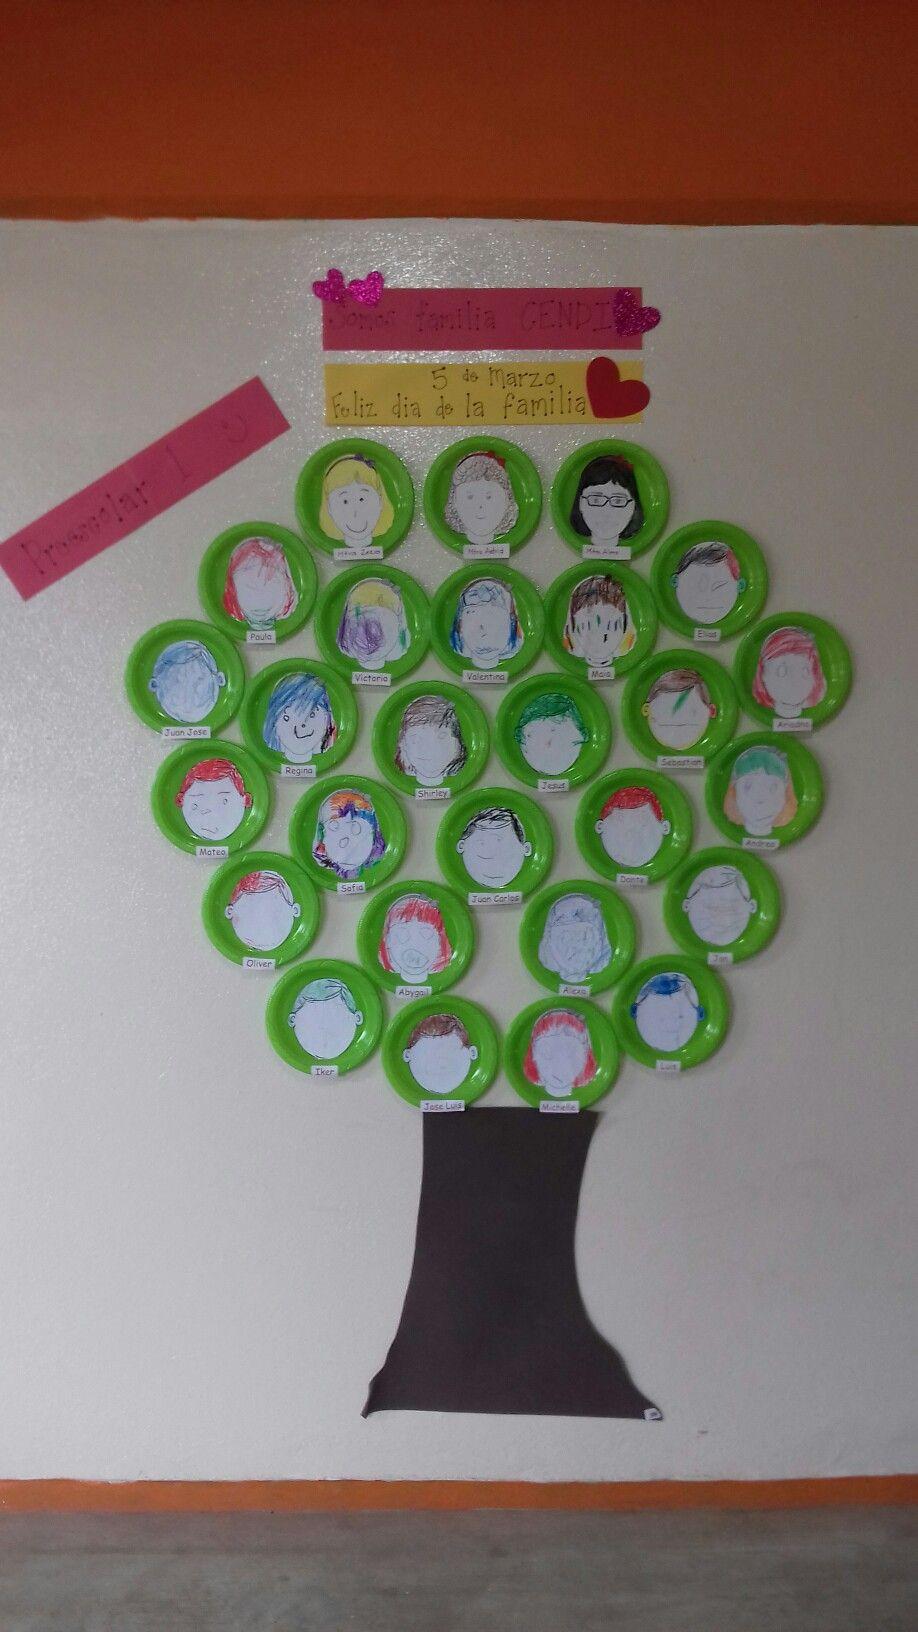 Arbol de familia escolar   Árbol de familia, Salón de clase, Salones